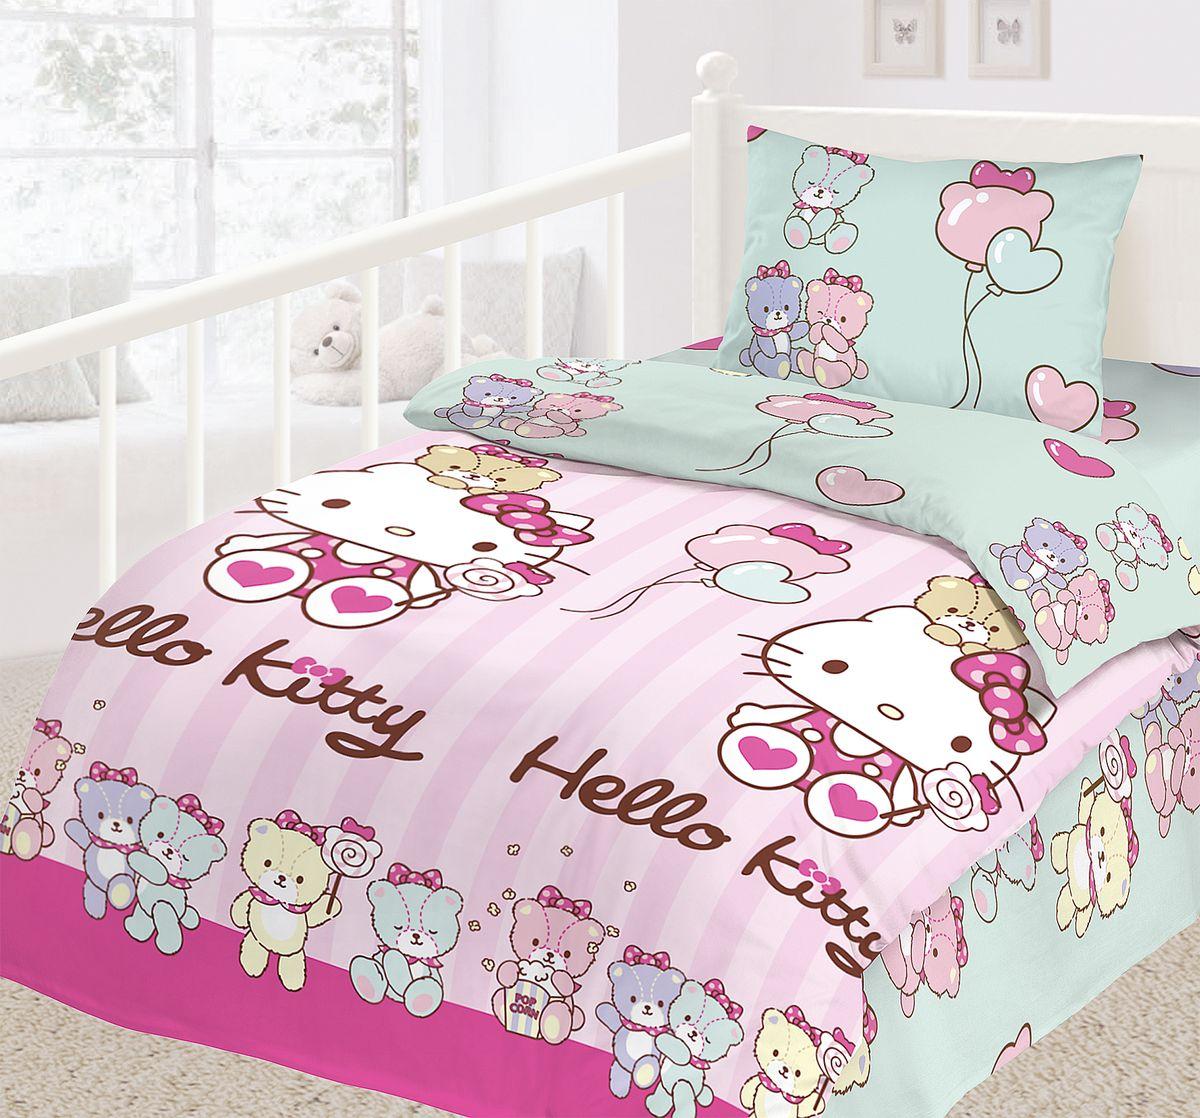 Комплект детского постельного белья Hello Kitty, цвет: розовый, голубой, 3 предмета15п-1MRДетский комплект постельного белья Hello Kitty состоит из наволочки, пододеяльника и простыни. Такой комплект идеально подойдет для кровати вашего ребенка и обеспечит ему здоровый сон. Он изготовлен из ранфорса (100% хлопок), дарящего малышу непревзойденную мягкость. Натуральный материал не раздражает даже самую нежную и чувствительную кожу ребенка, обеспечивая ему наибольший комфорт. Приятный рисунок комплекта подарит вашему ребенку встречу с любимыми героями полюбившегося мультфильма и порадует яркостью и красочностью дизайна.